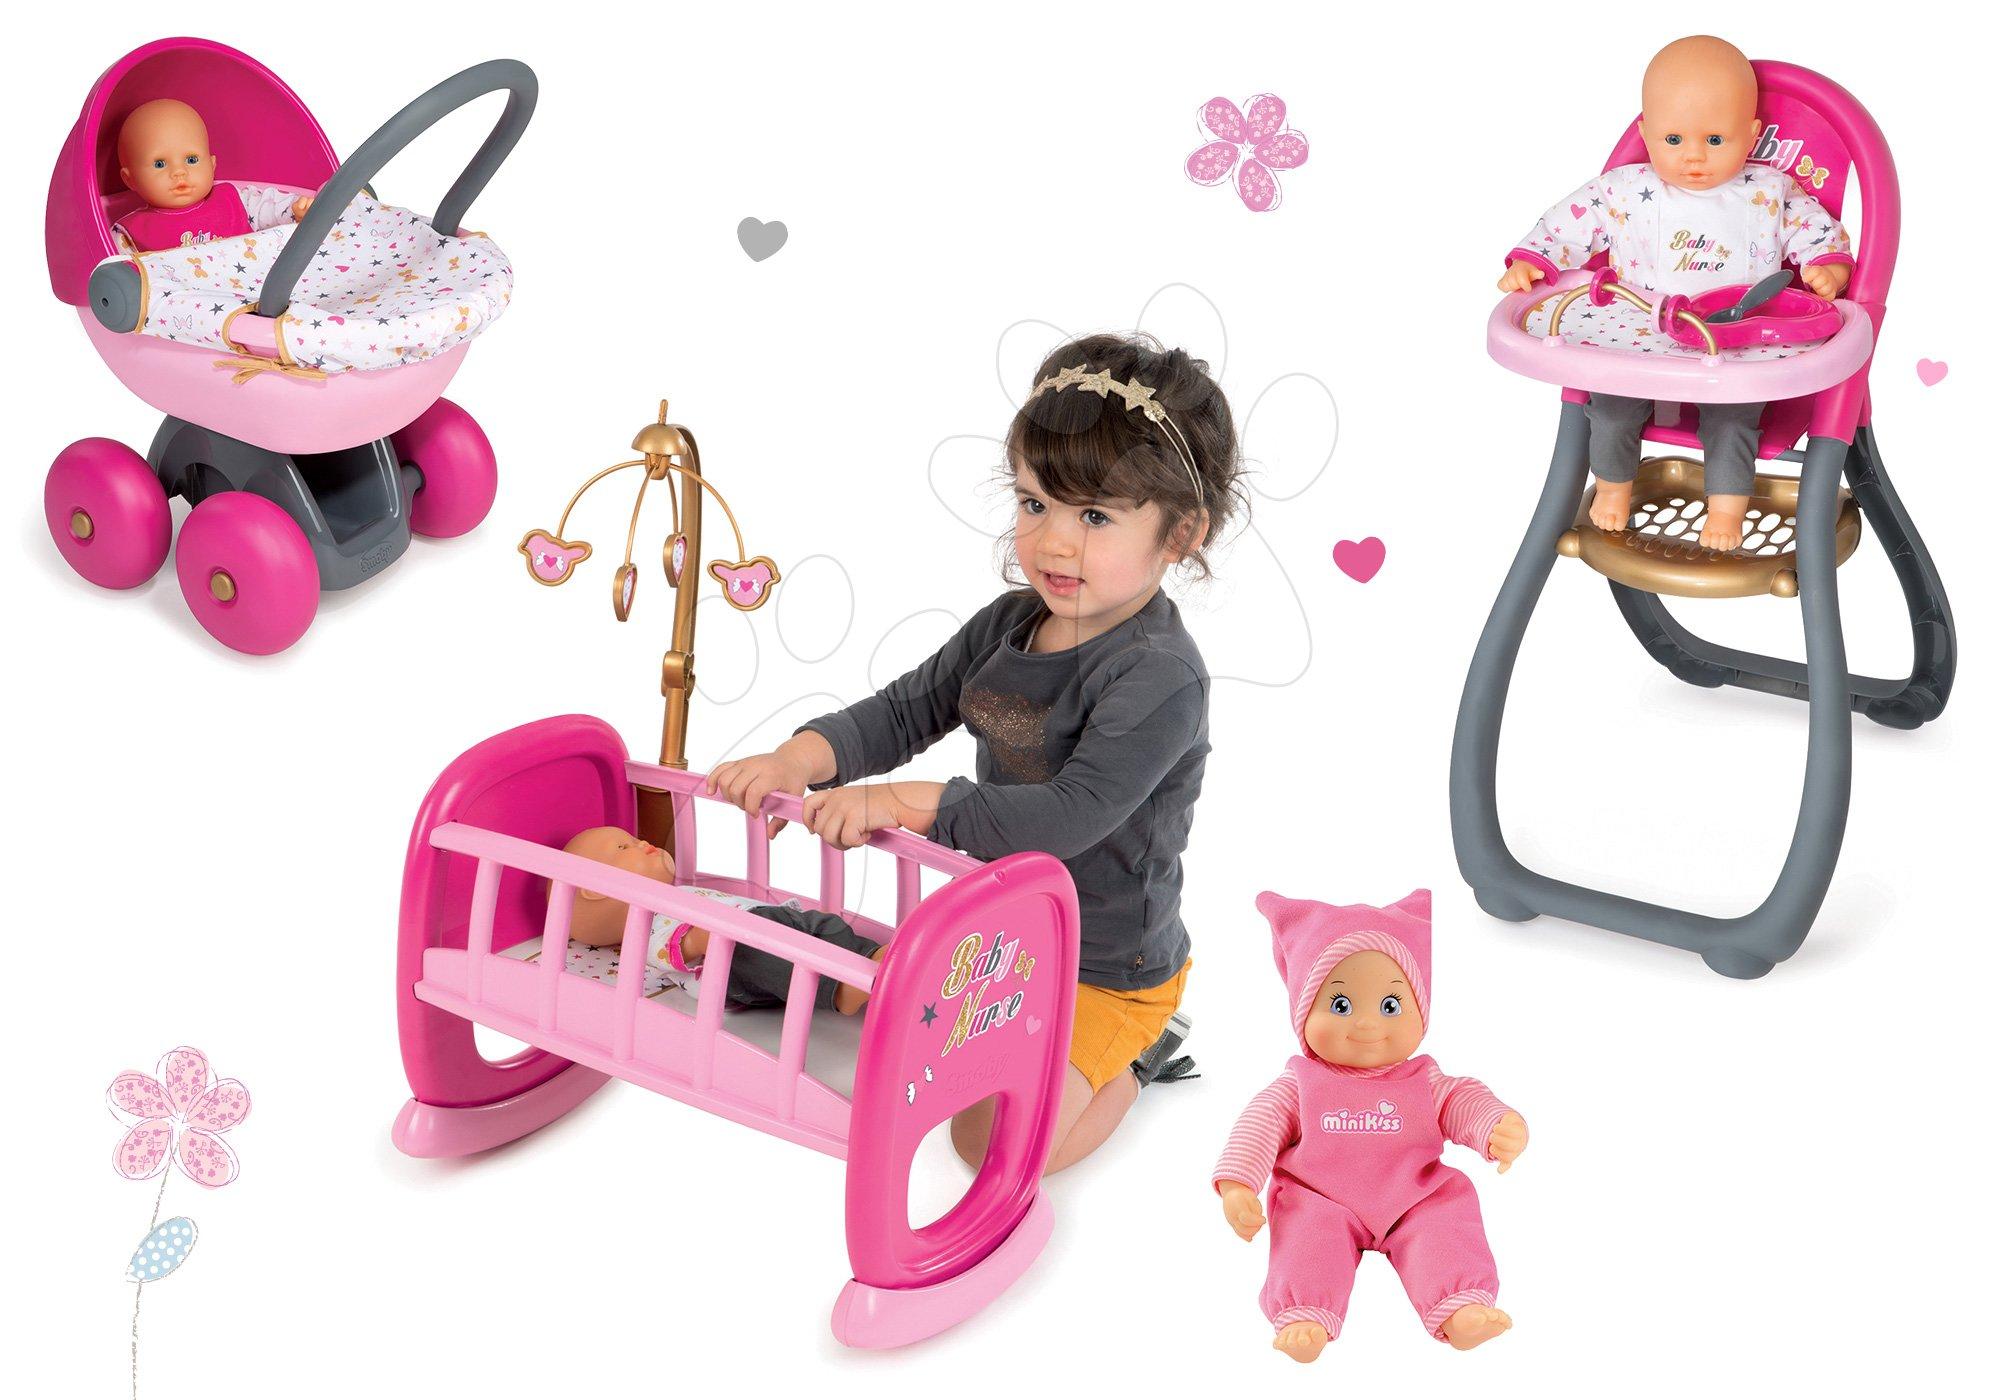 Set panenka Minikiss Smoby 27 cm, jídelní židle, kolébka s peřinkou a hluboký kočárek pro panenku )56 cm rujkojeť) od 18 měsíců